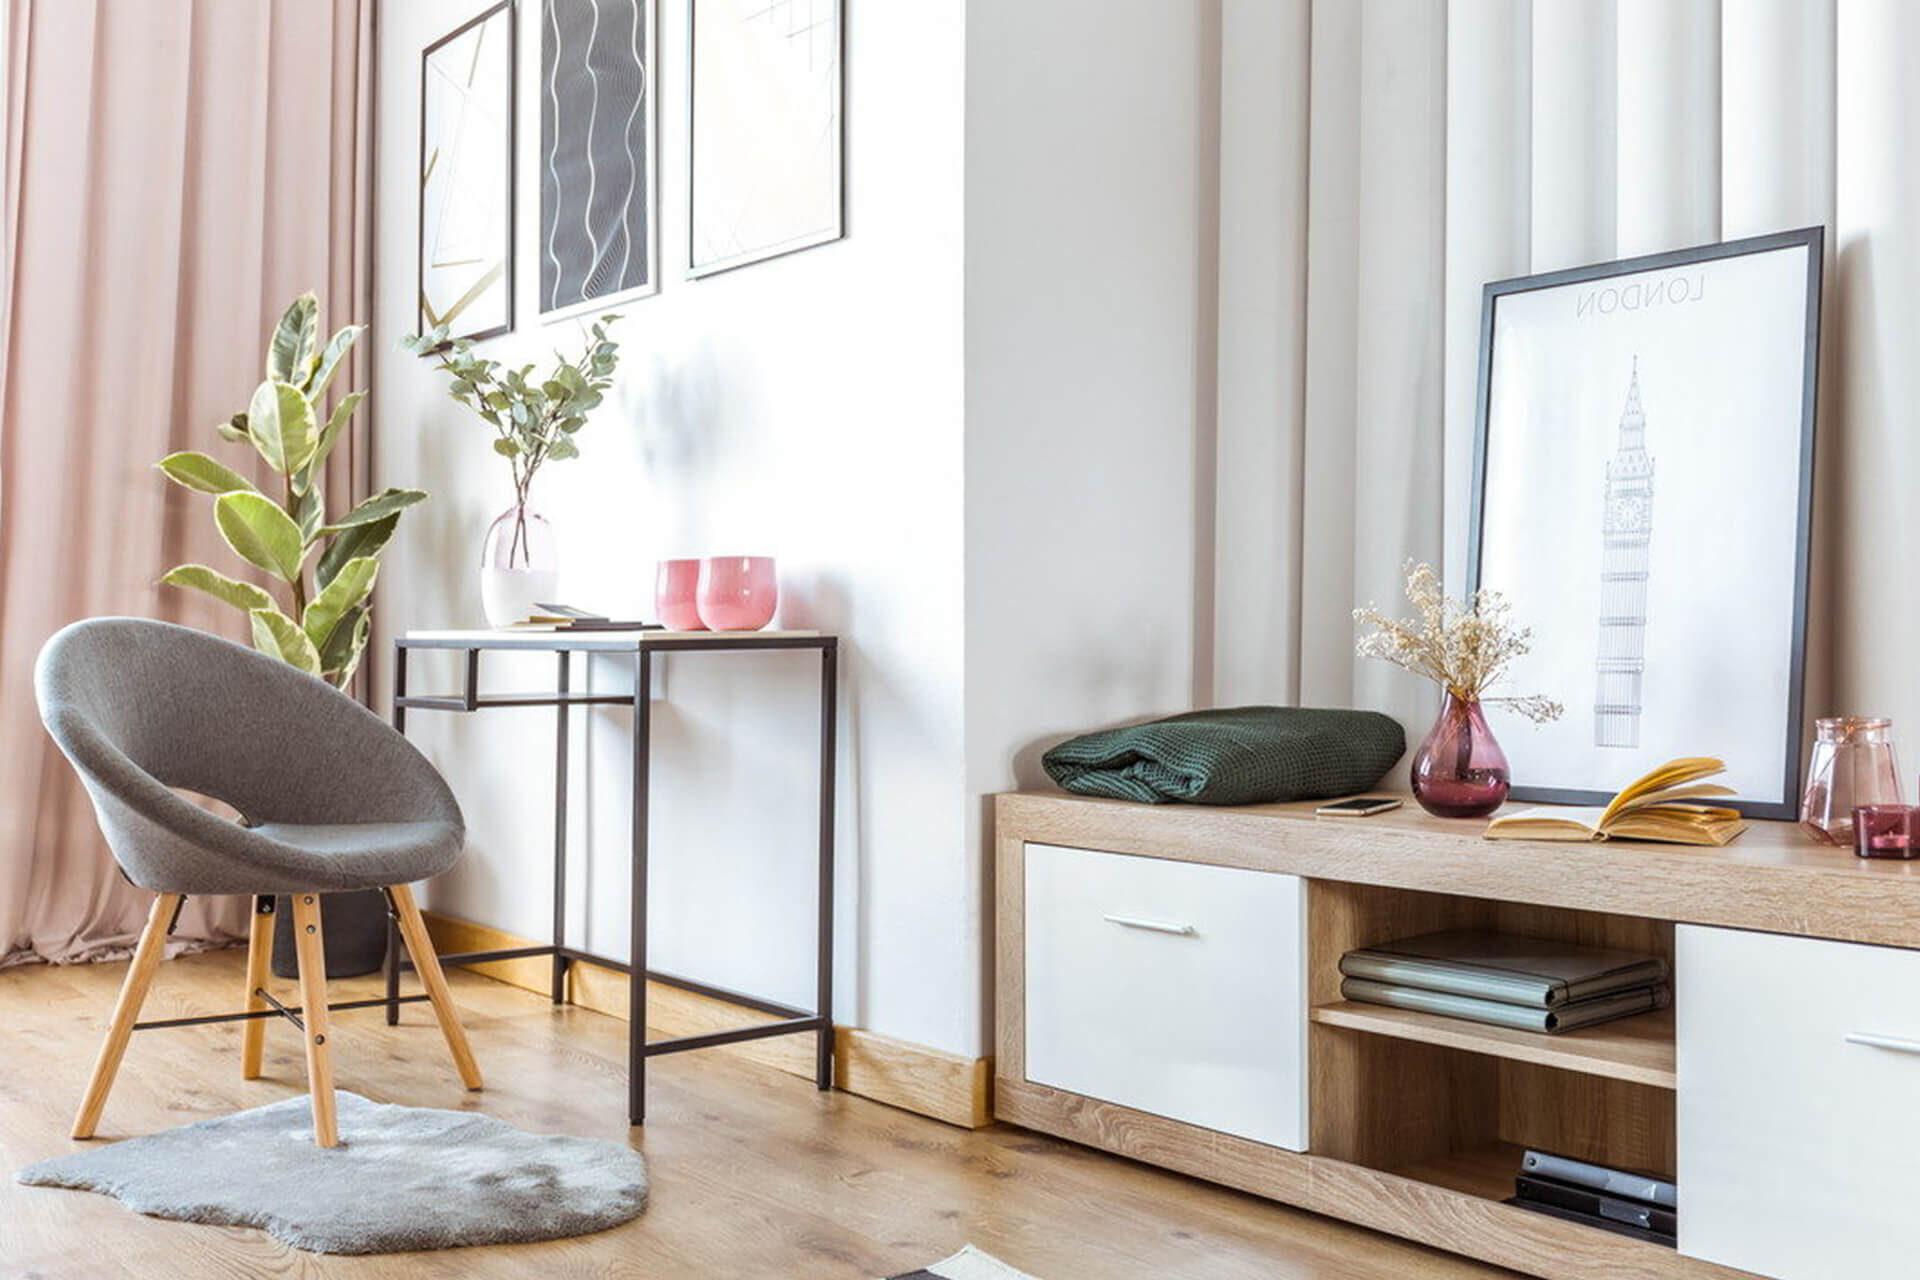 Interior design: i 7 pilastri per creare uno stile d'arredo equilibrato